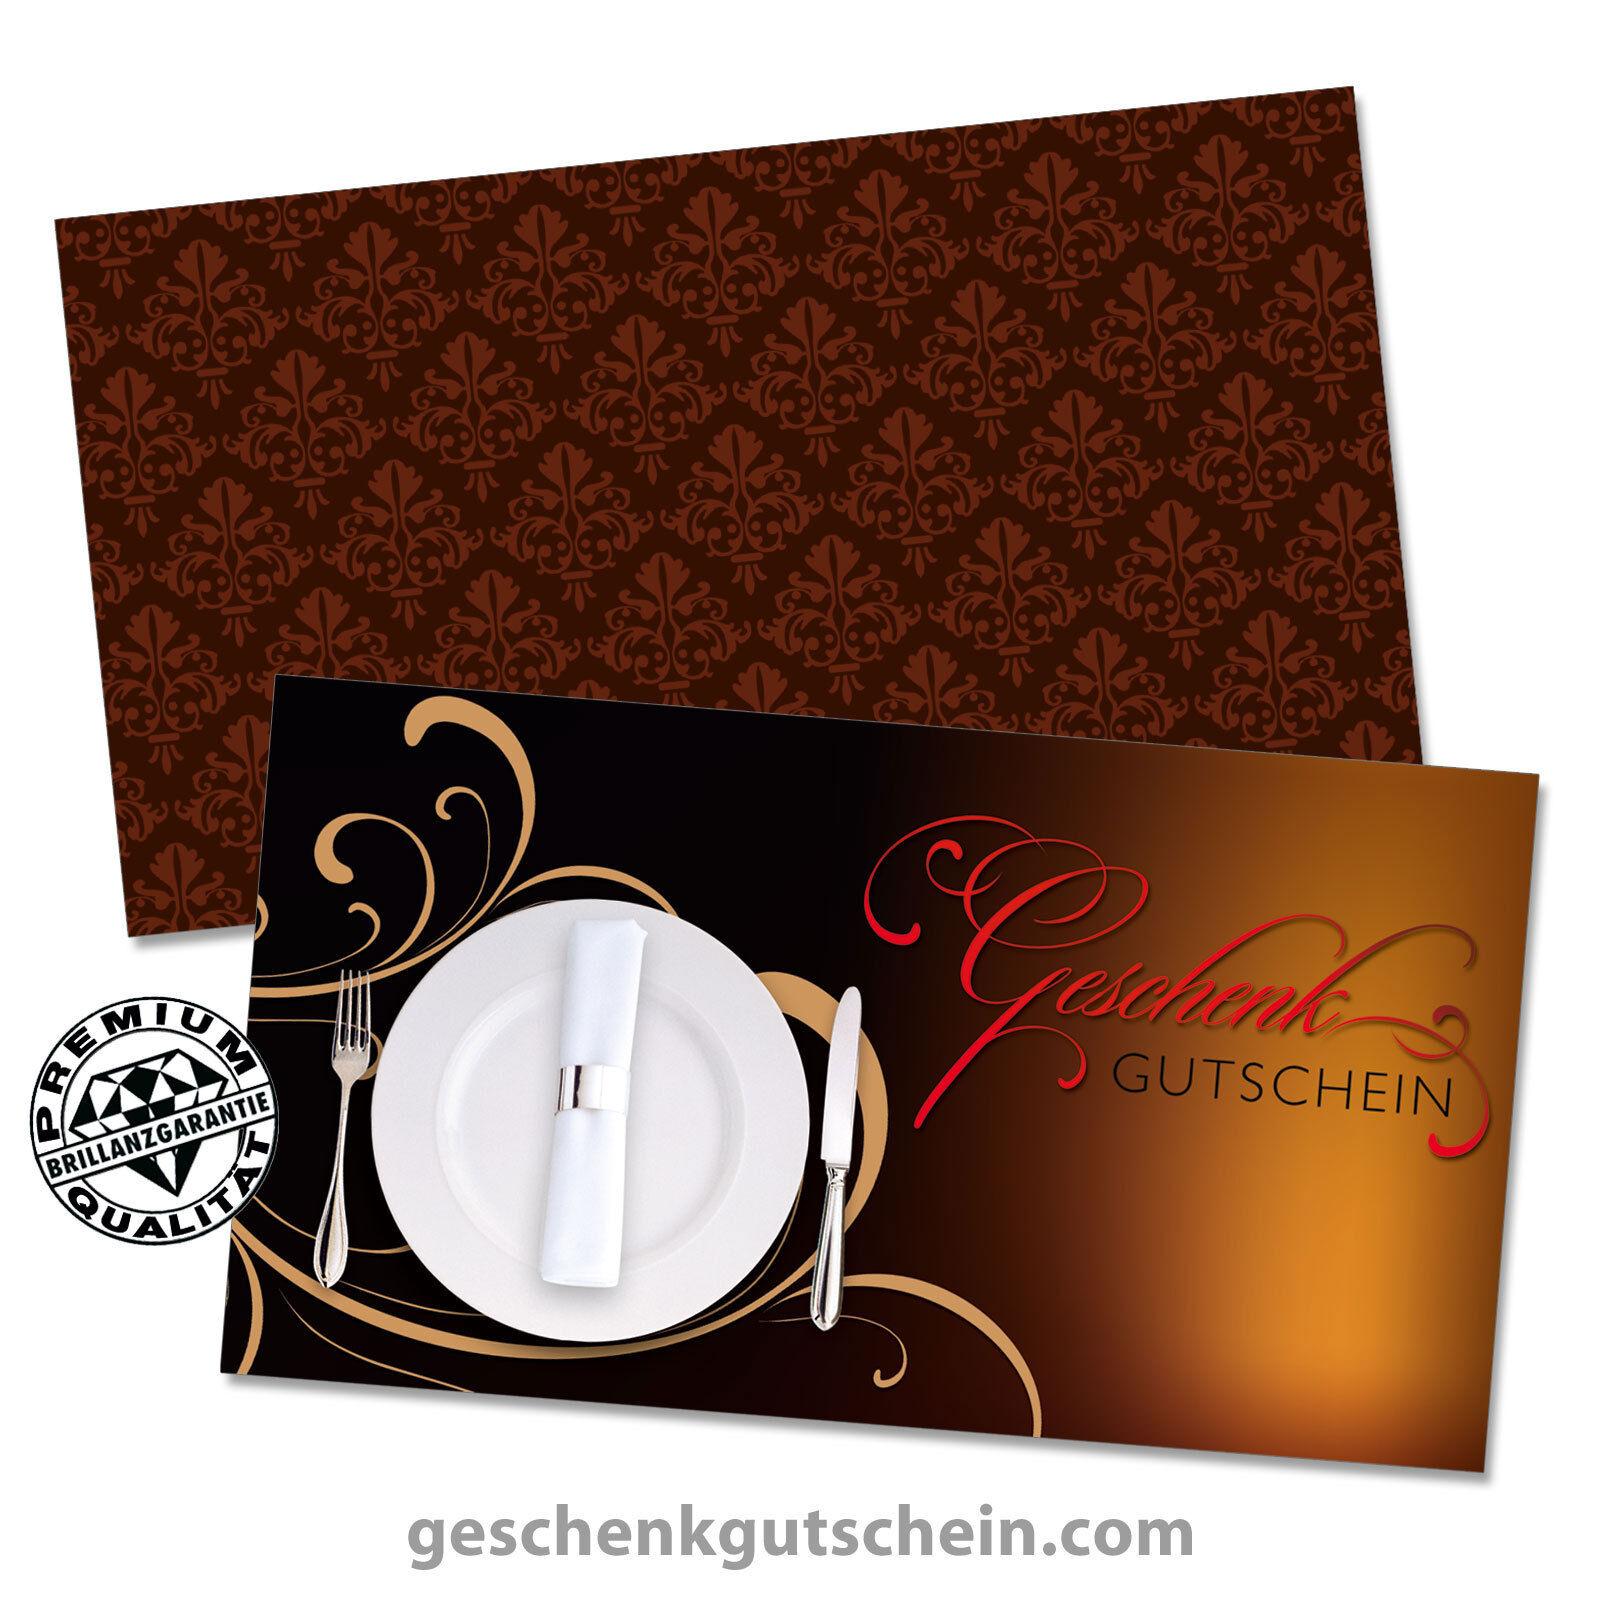 Gutscheinkarten mit KuGrüns für die Gastronomie, Restaurants, Gaststätten G1289